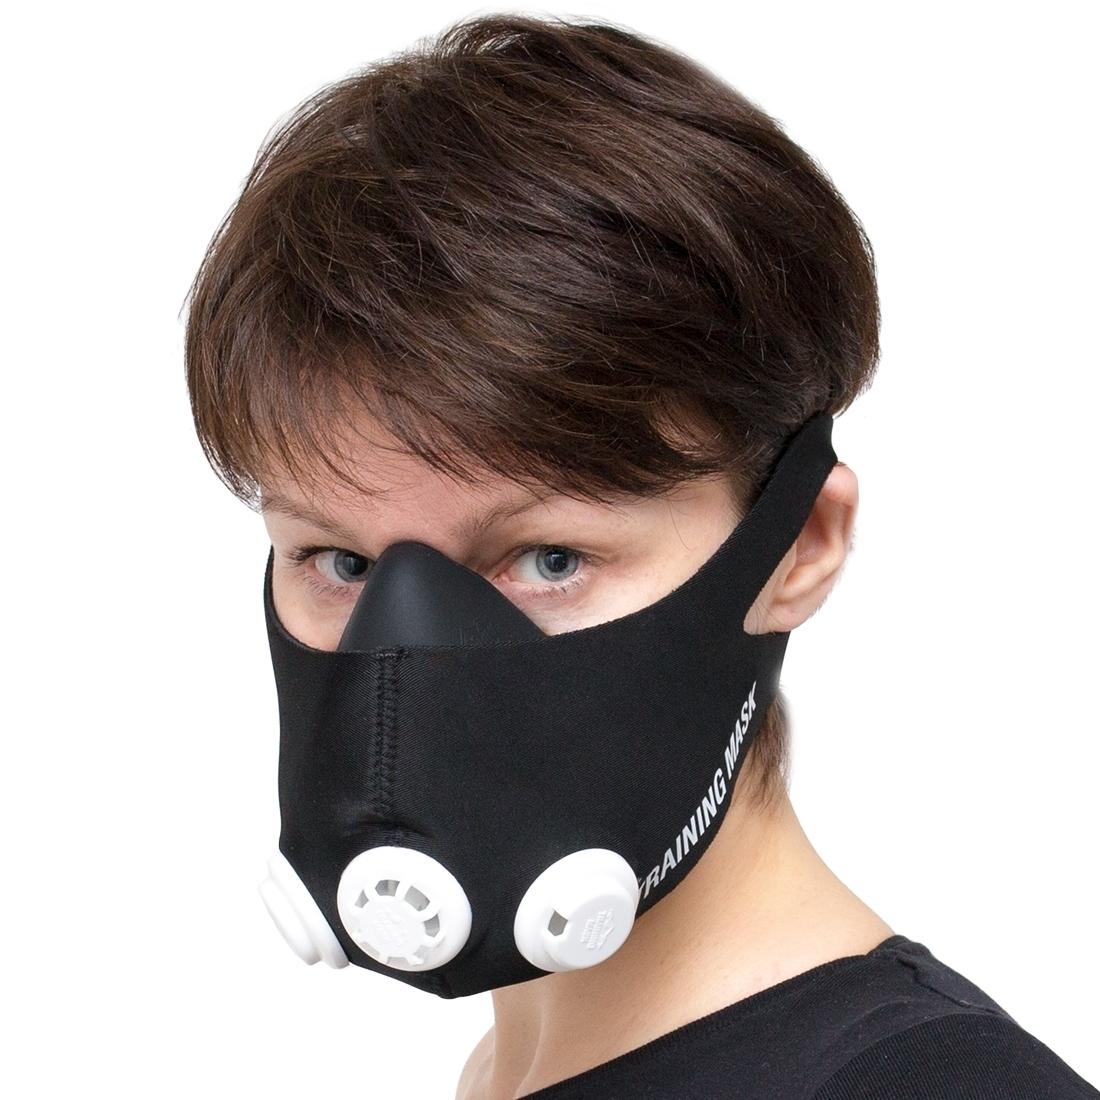 Новинки Тренировочная маска для бега Training Mask 2.0 training-maska.jpg